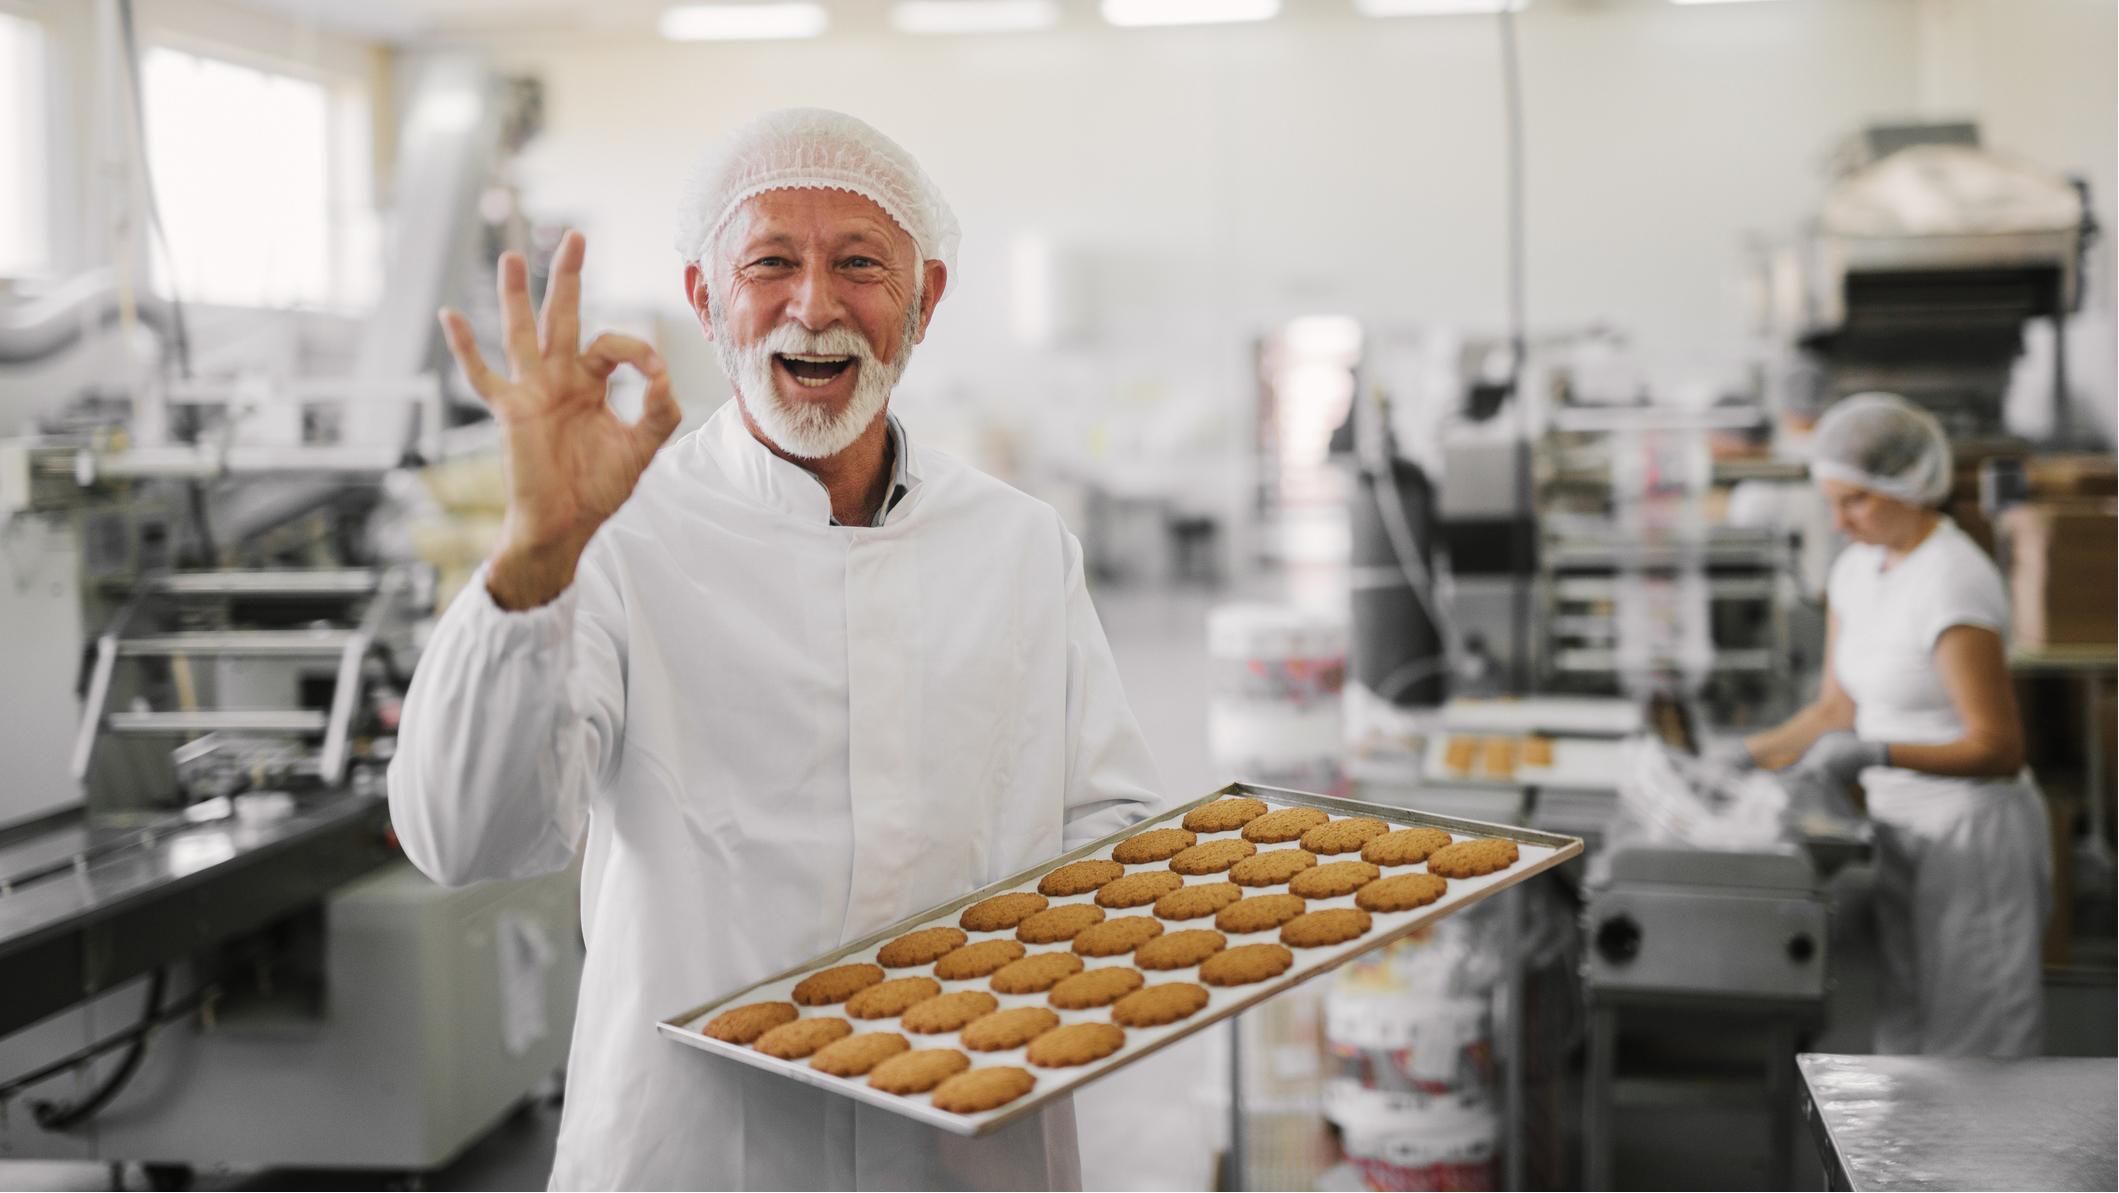 Äldre man som arbetar i restaurangkök